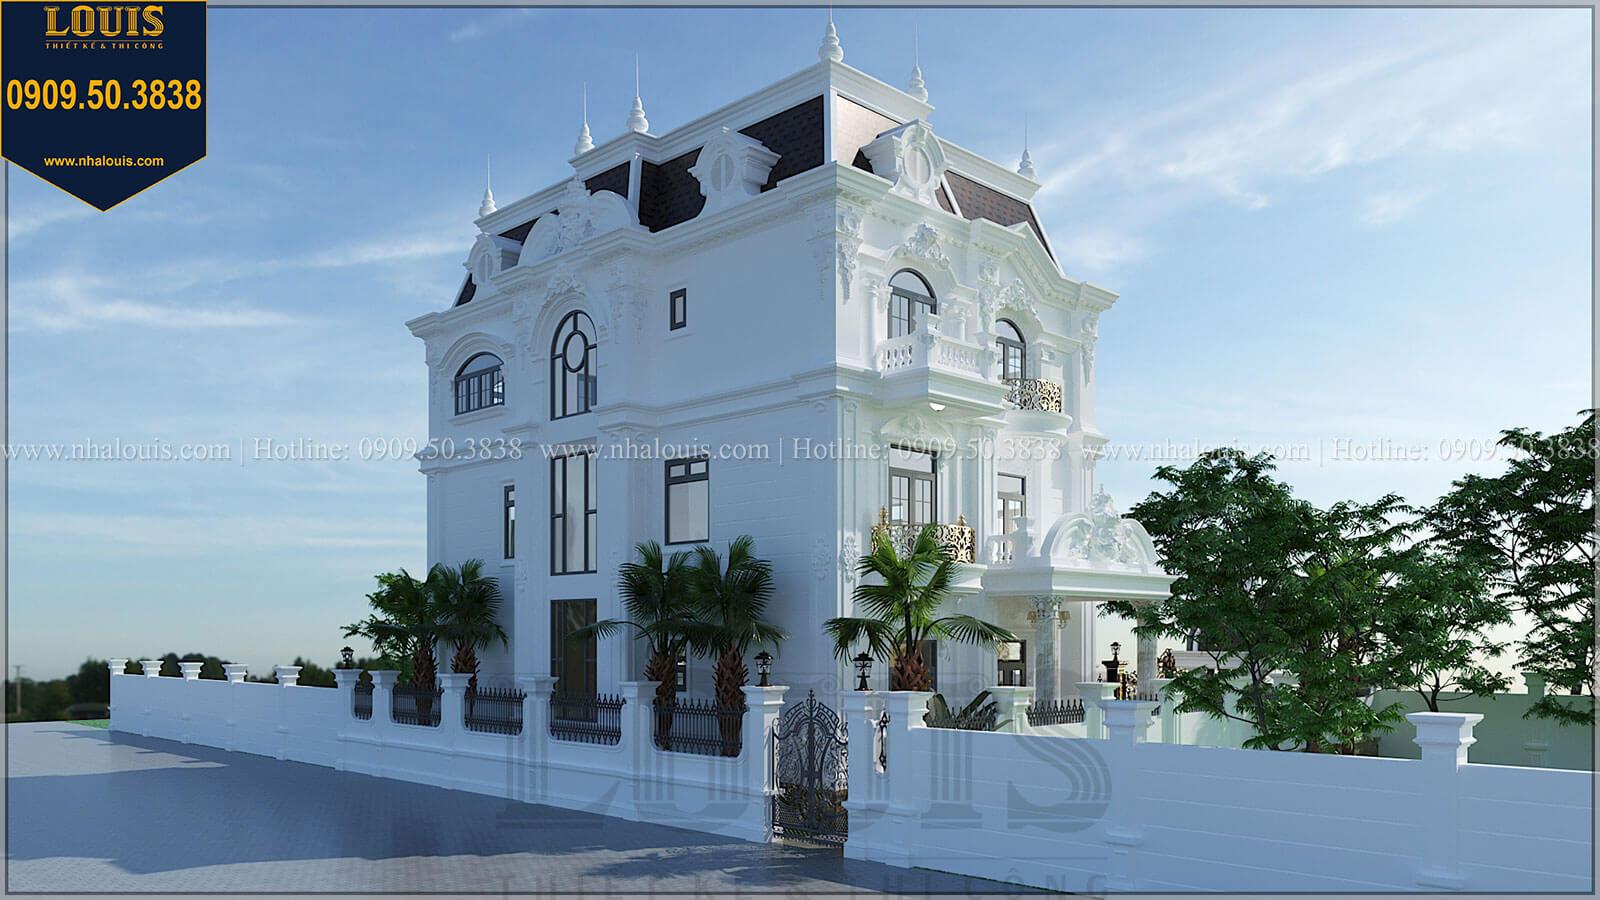 Mặt tiền Biệt thự đẹp 3 tầng phong cách cổ điển bề thế tại Quảng Ngãi - 04